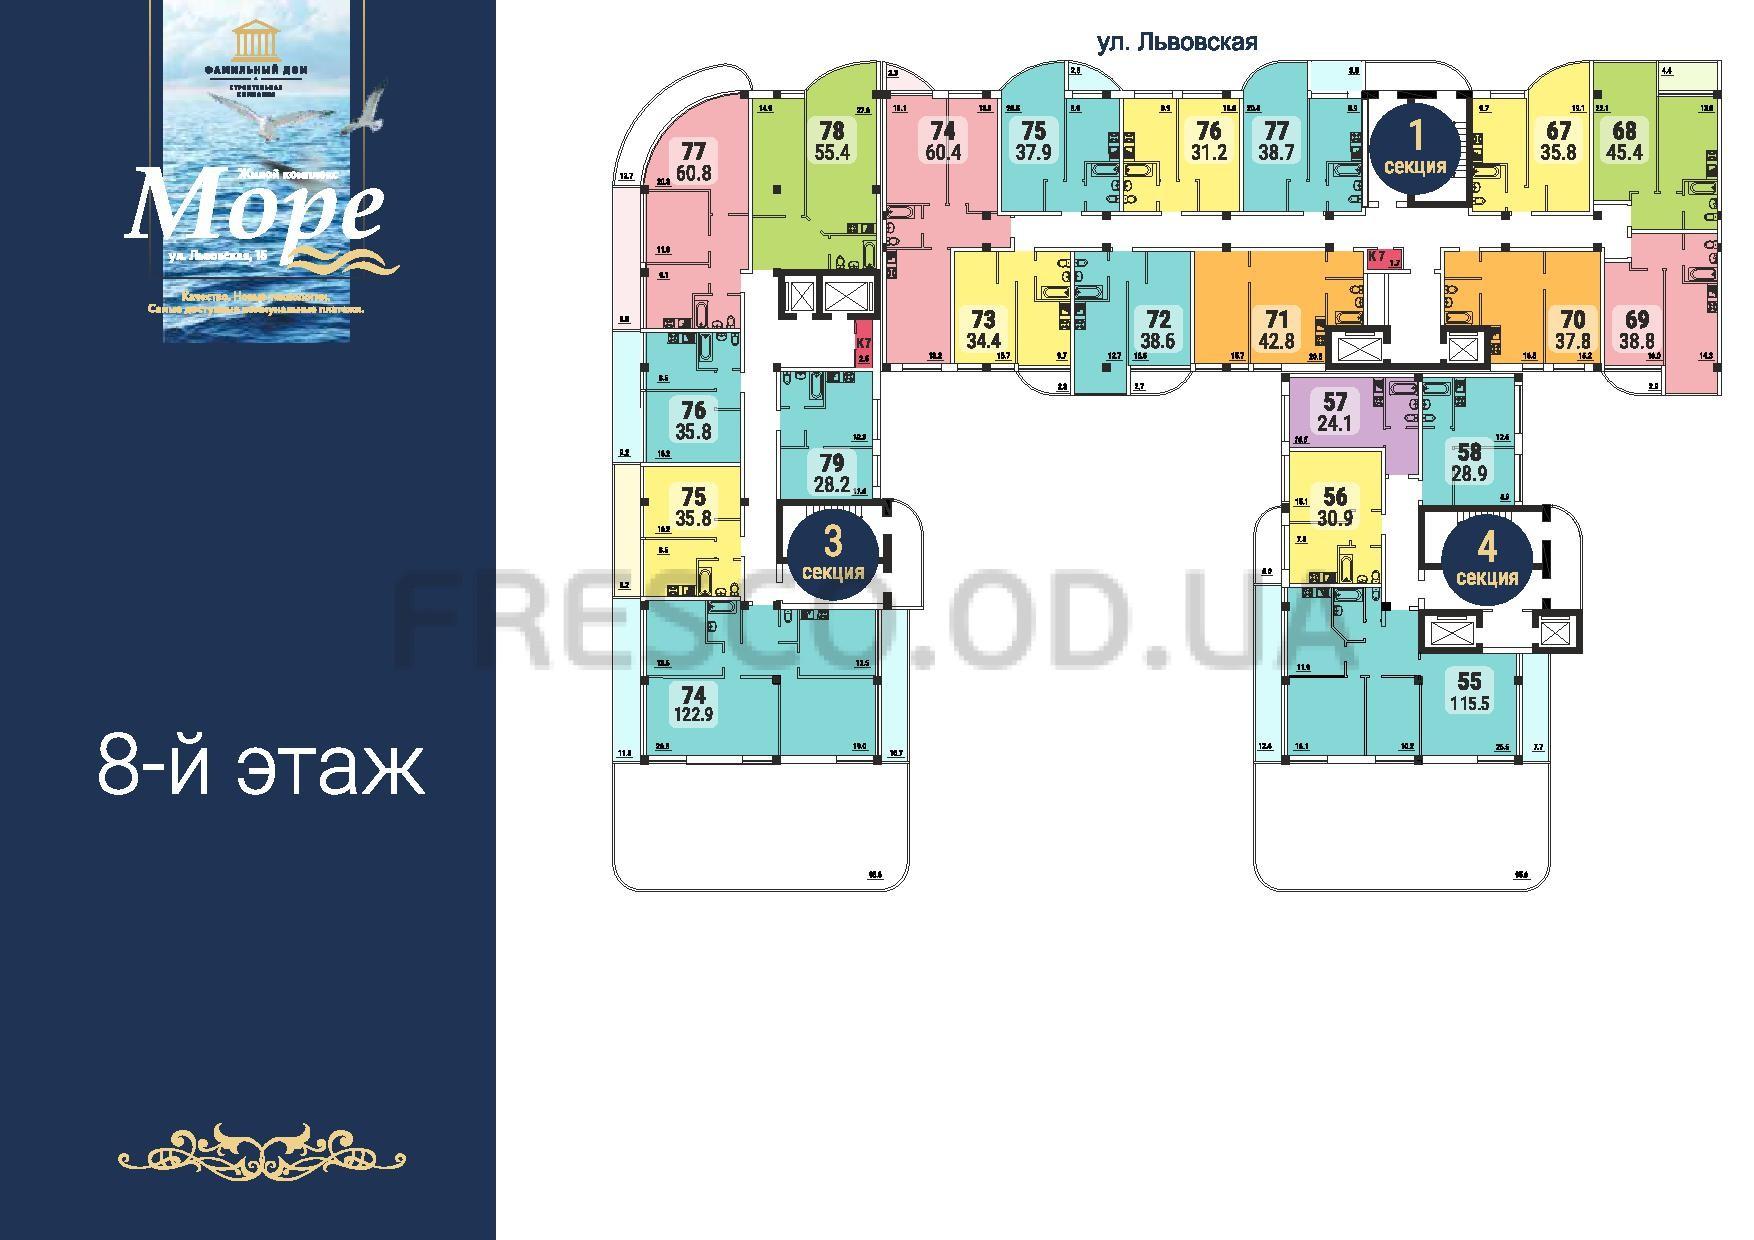 ЖК Море секции 1,3,4 план 8 этажа